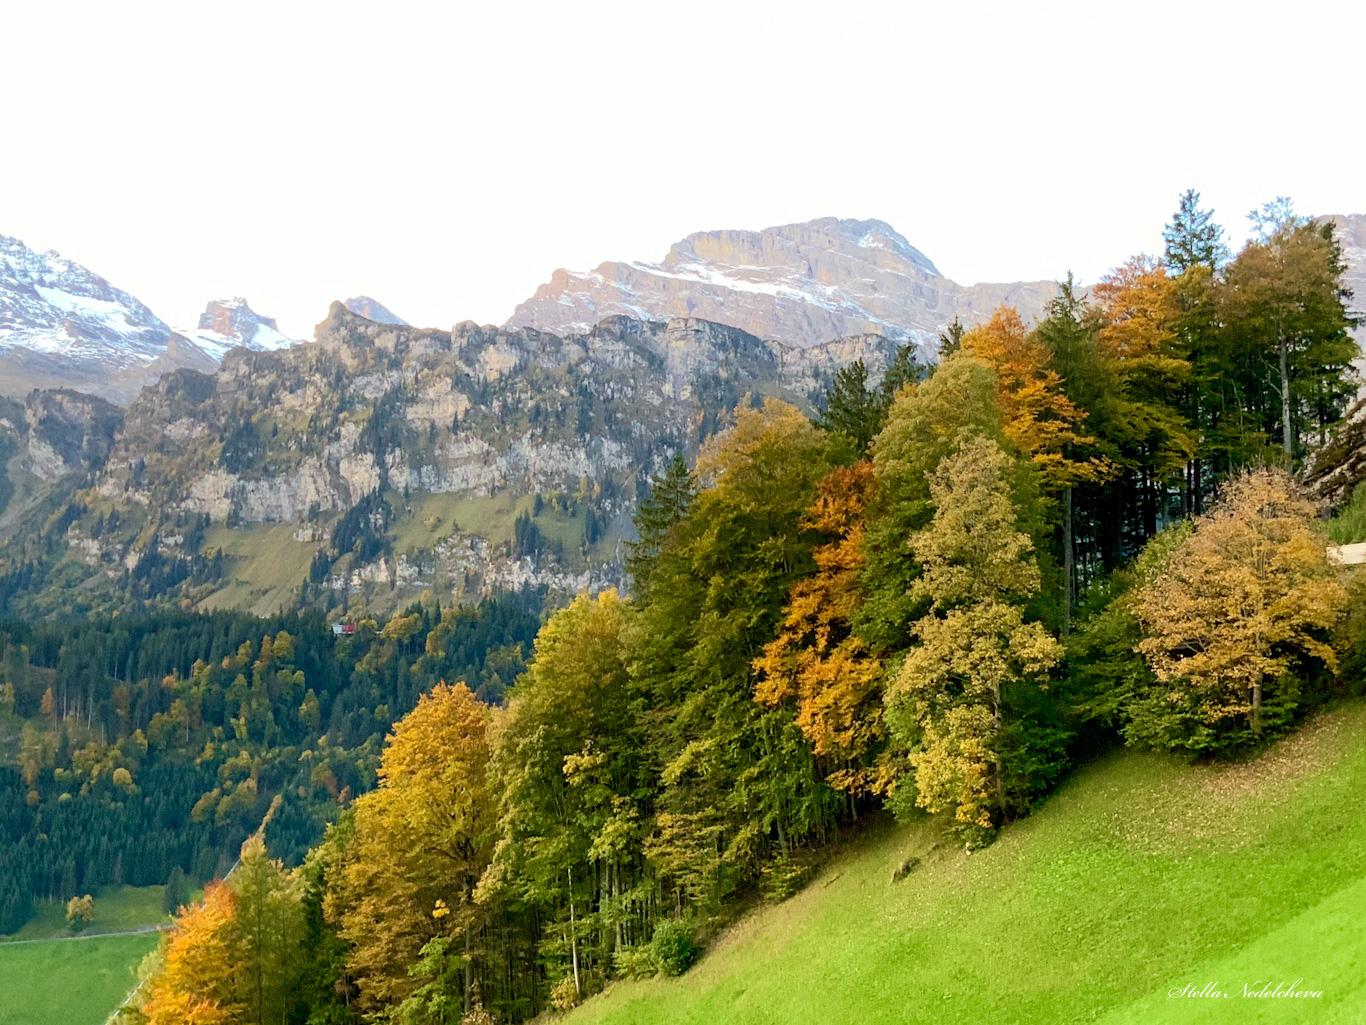 Paysage d'automne dans les Alpes